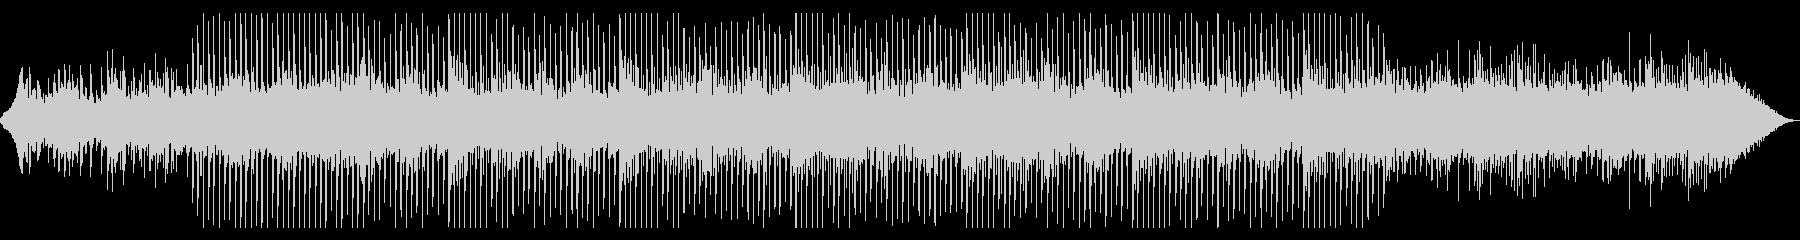 シンプル、さわやかで印象的なメロディの未再生の波形